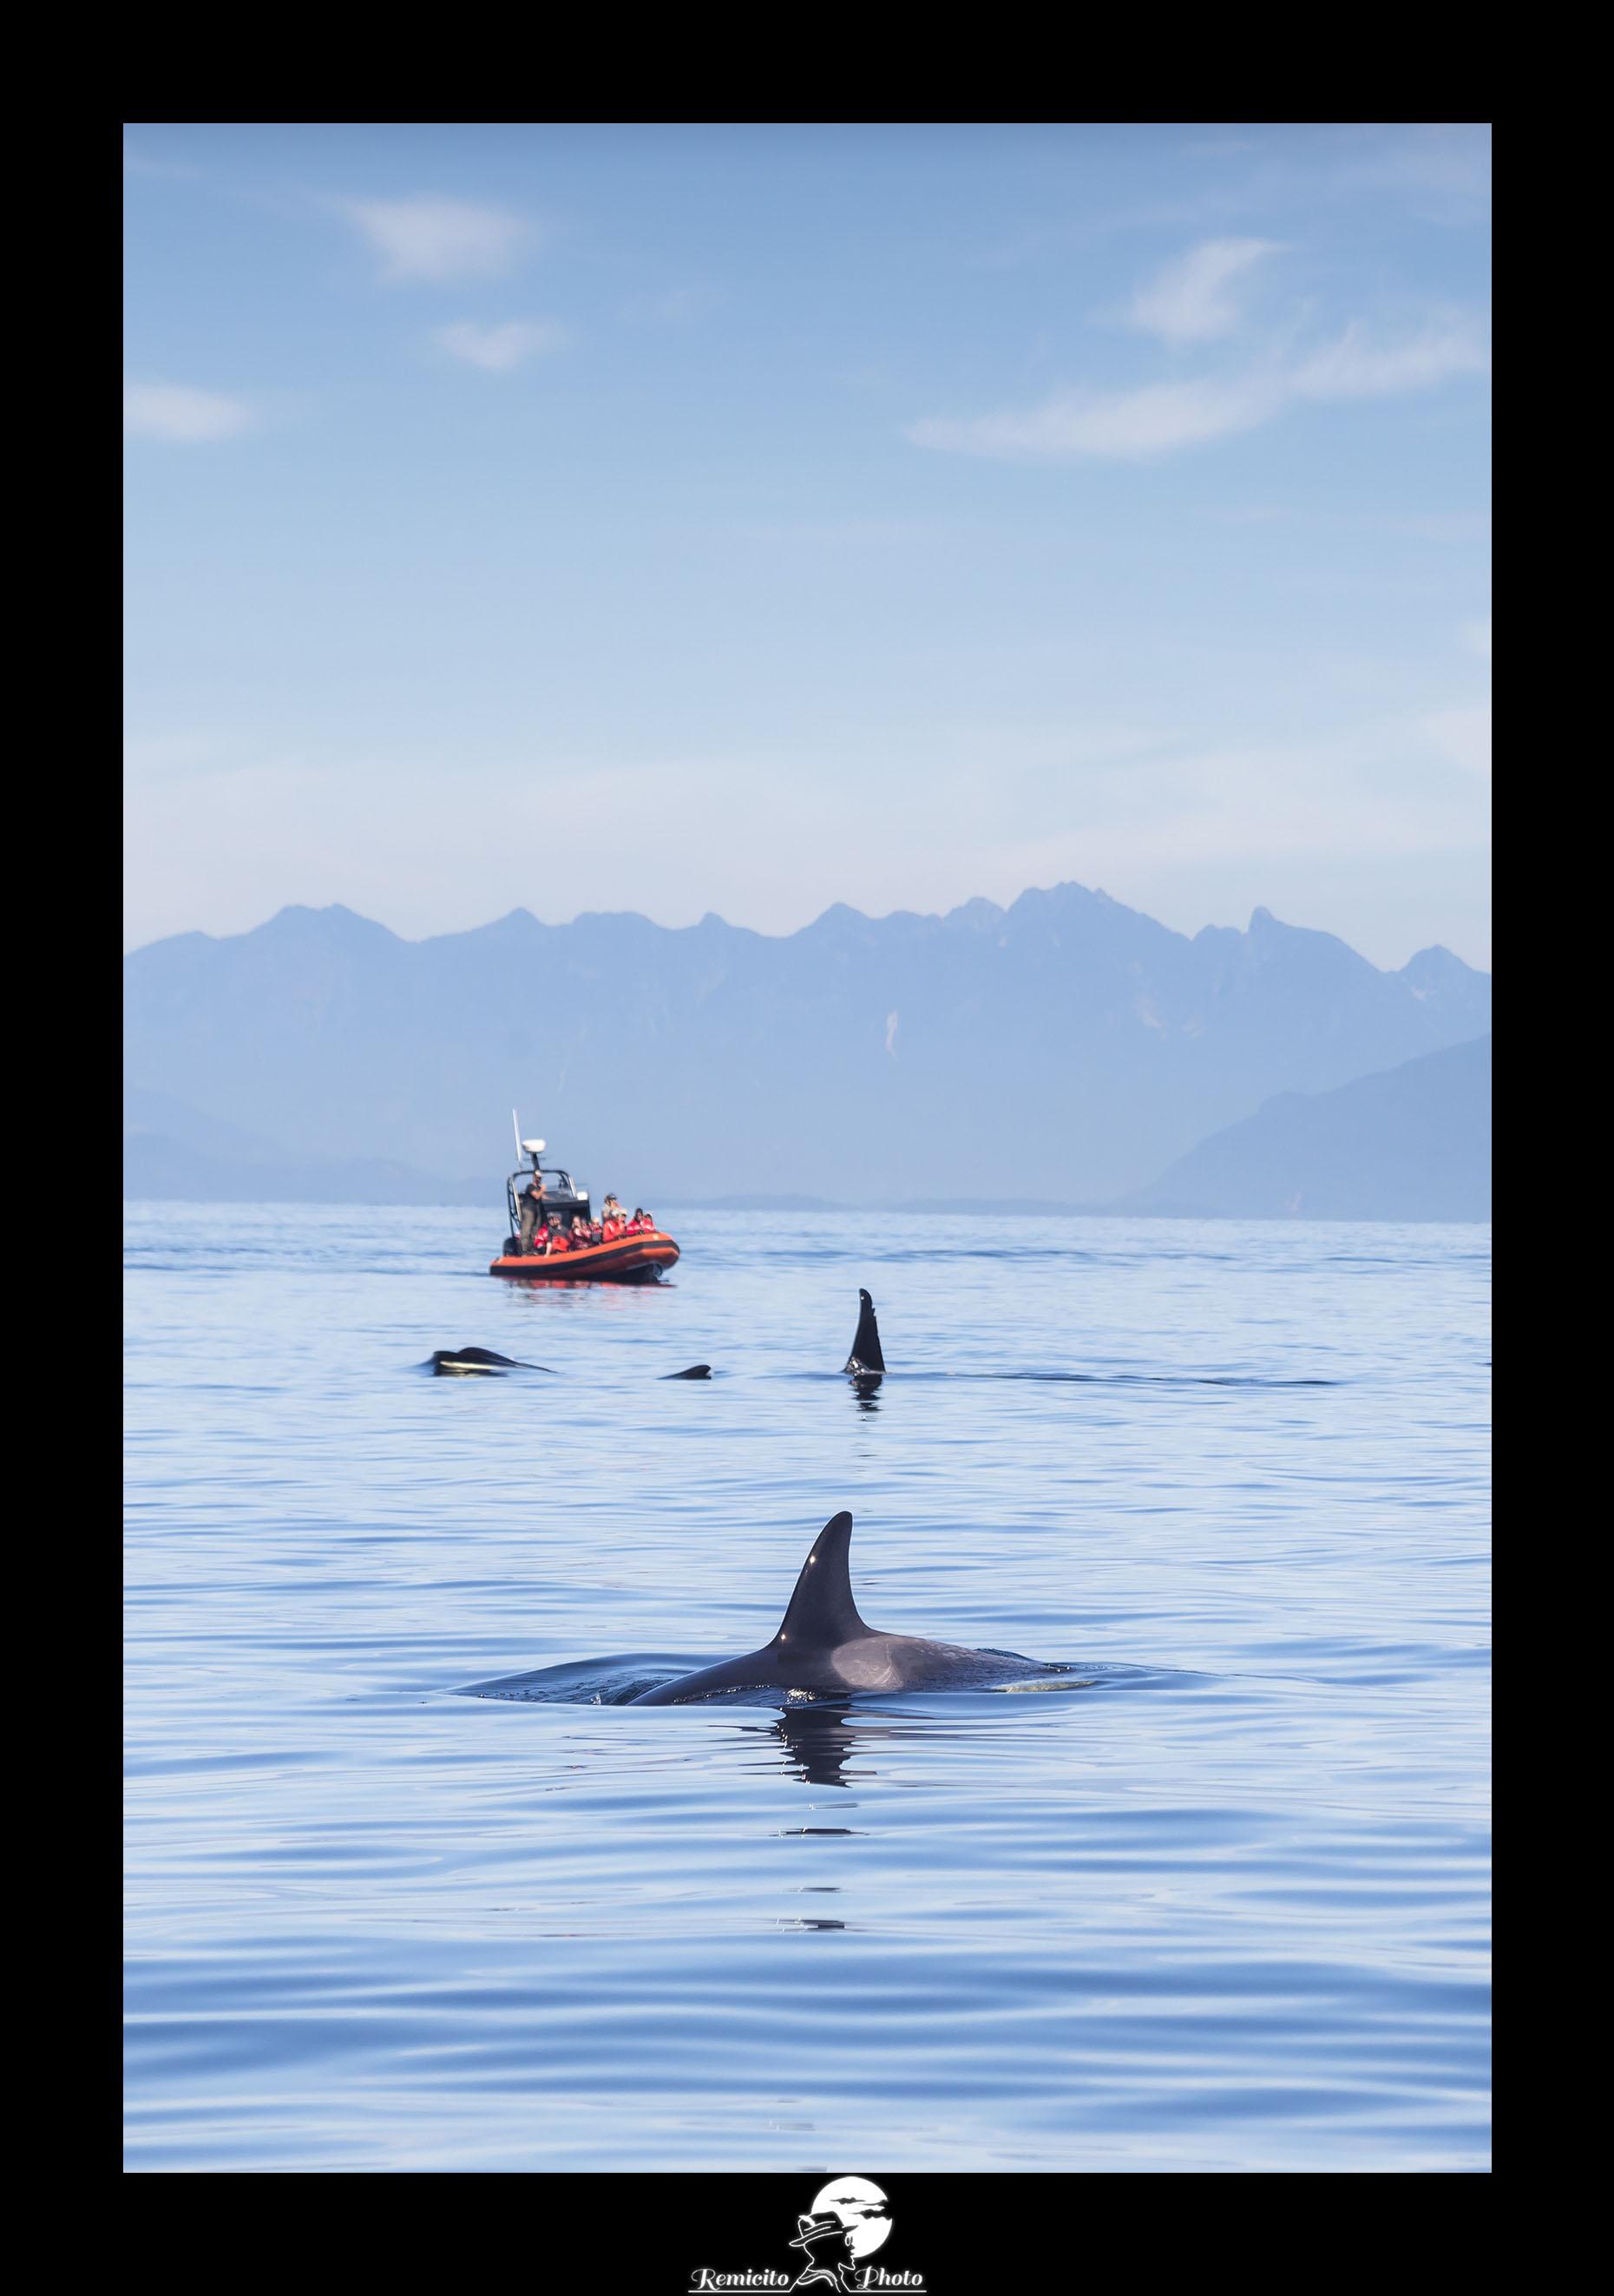 remicito photo, image du jour, photo du jour, photo of the day, meilleur photographe, français, best french photographer, photo orque canada, killer whale canada, vancouver island killer whale